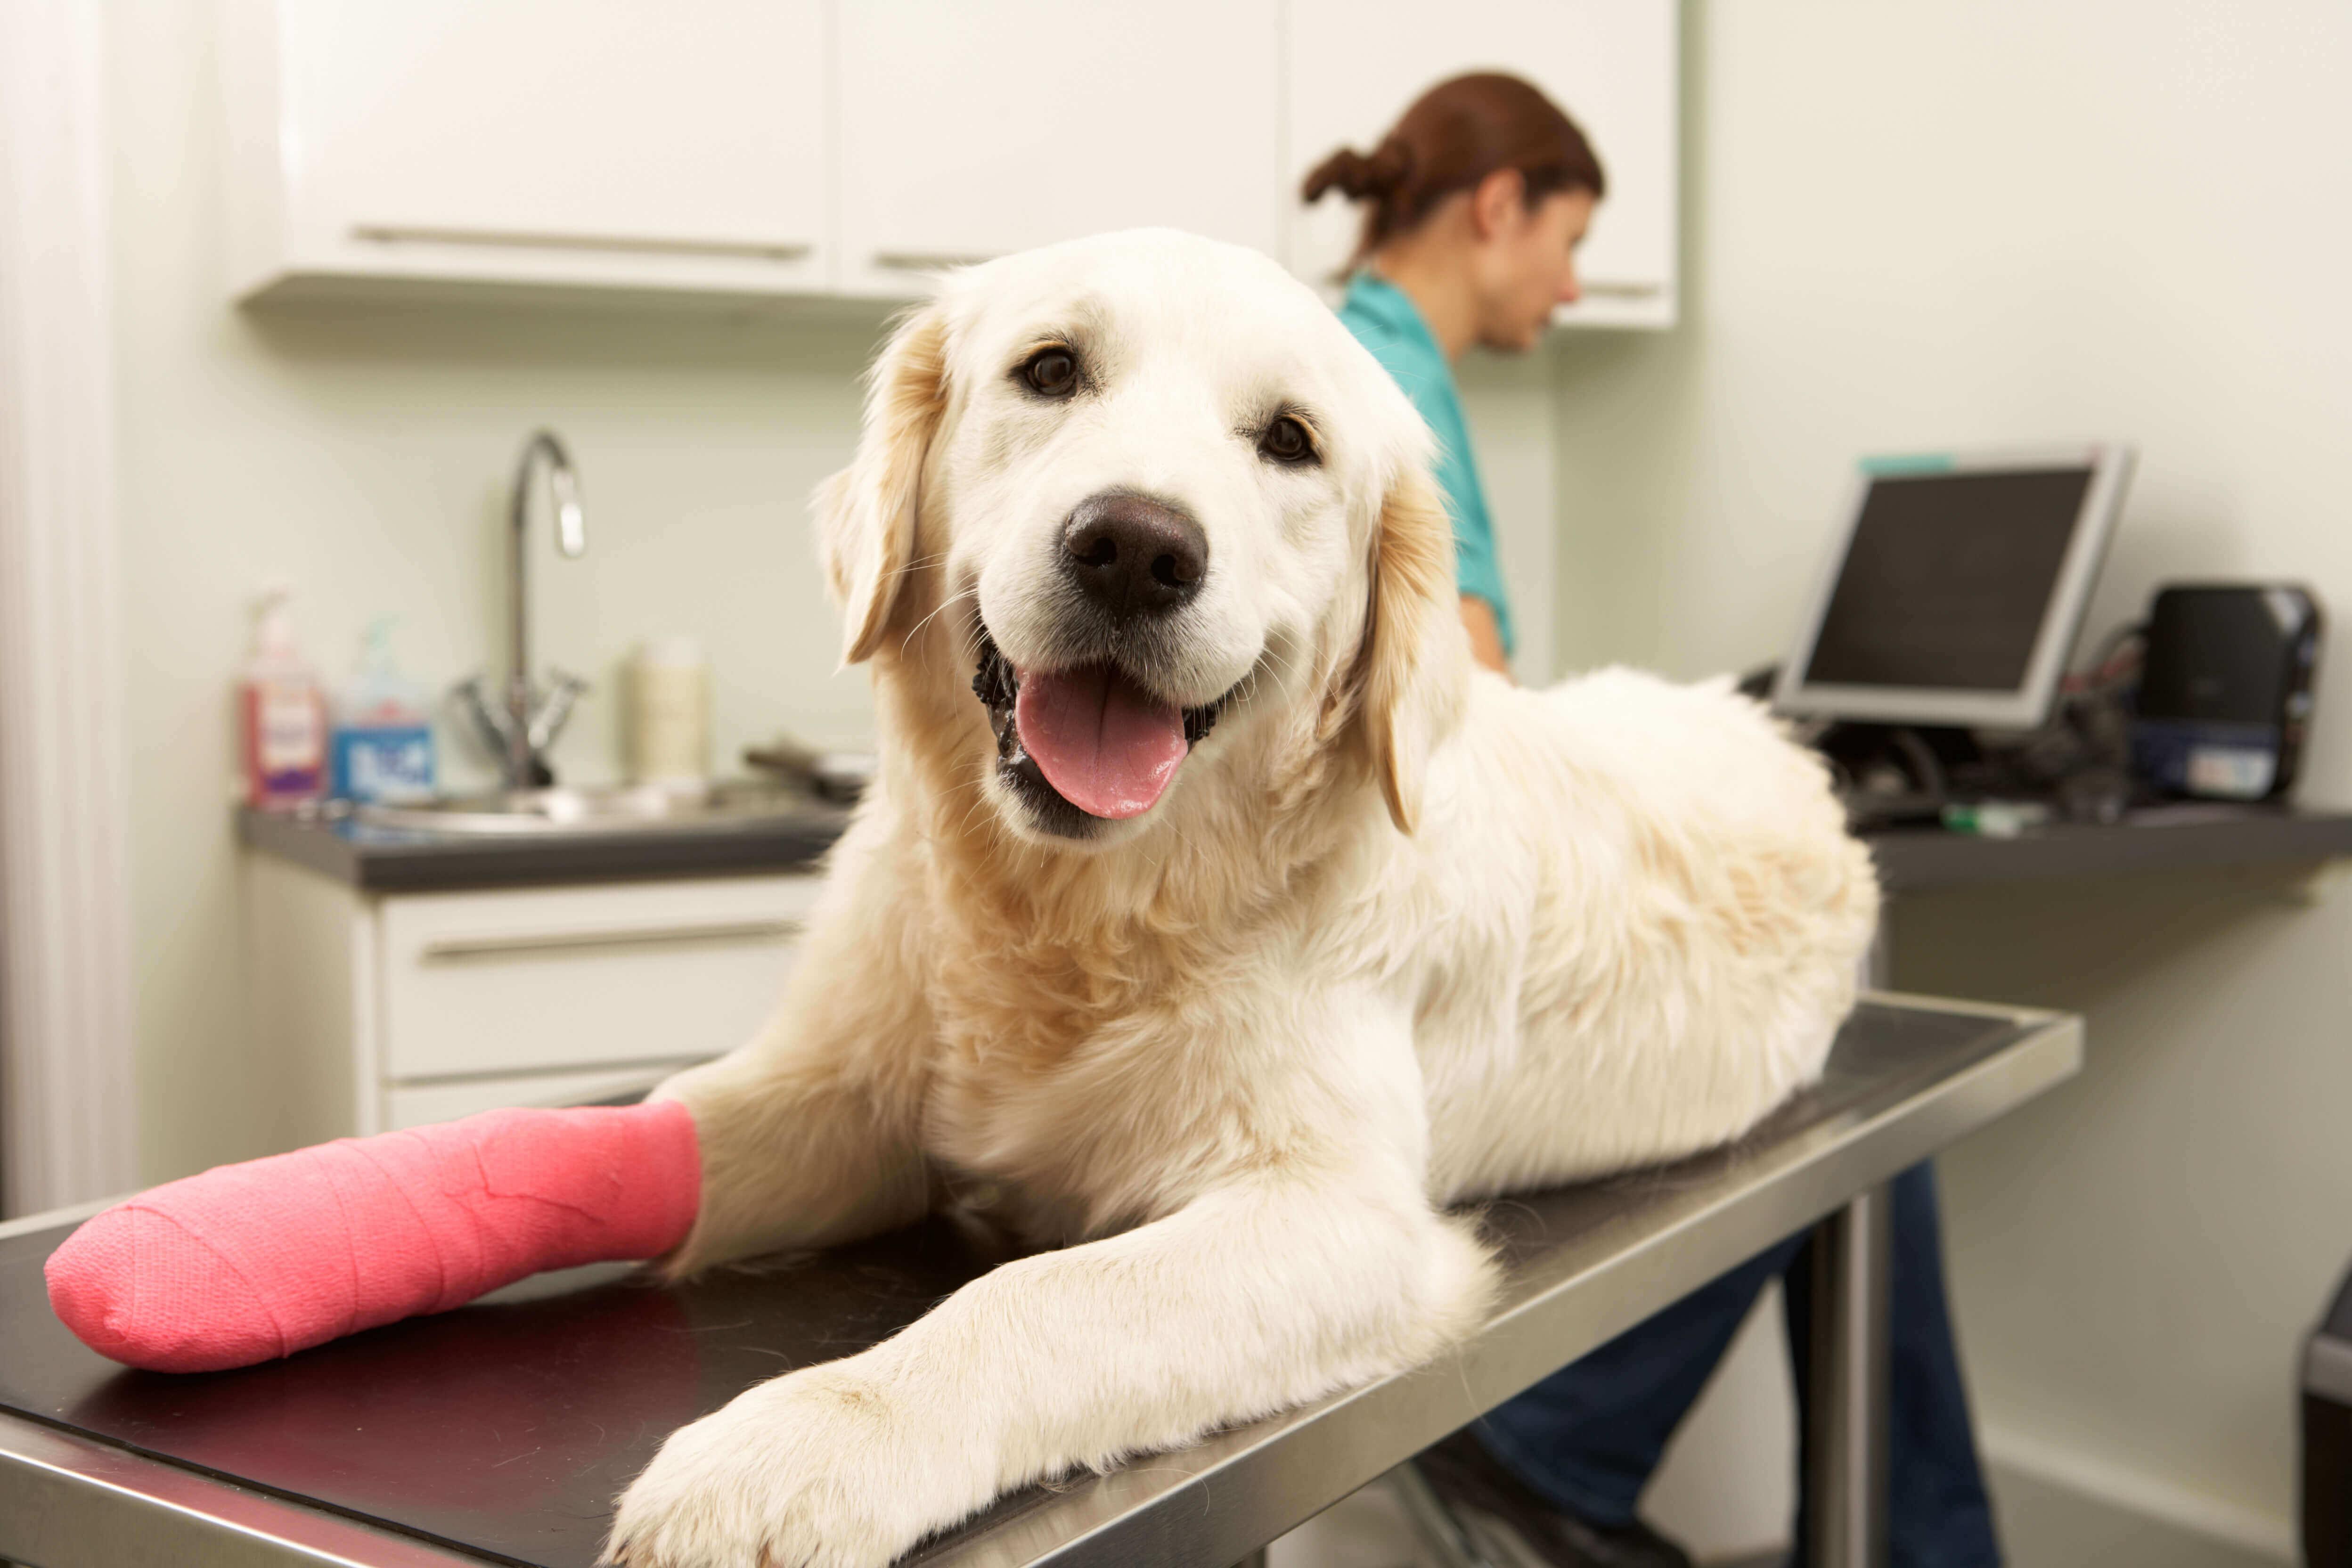 Manias e transtornos compulsivos em cães